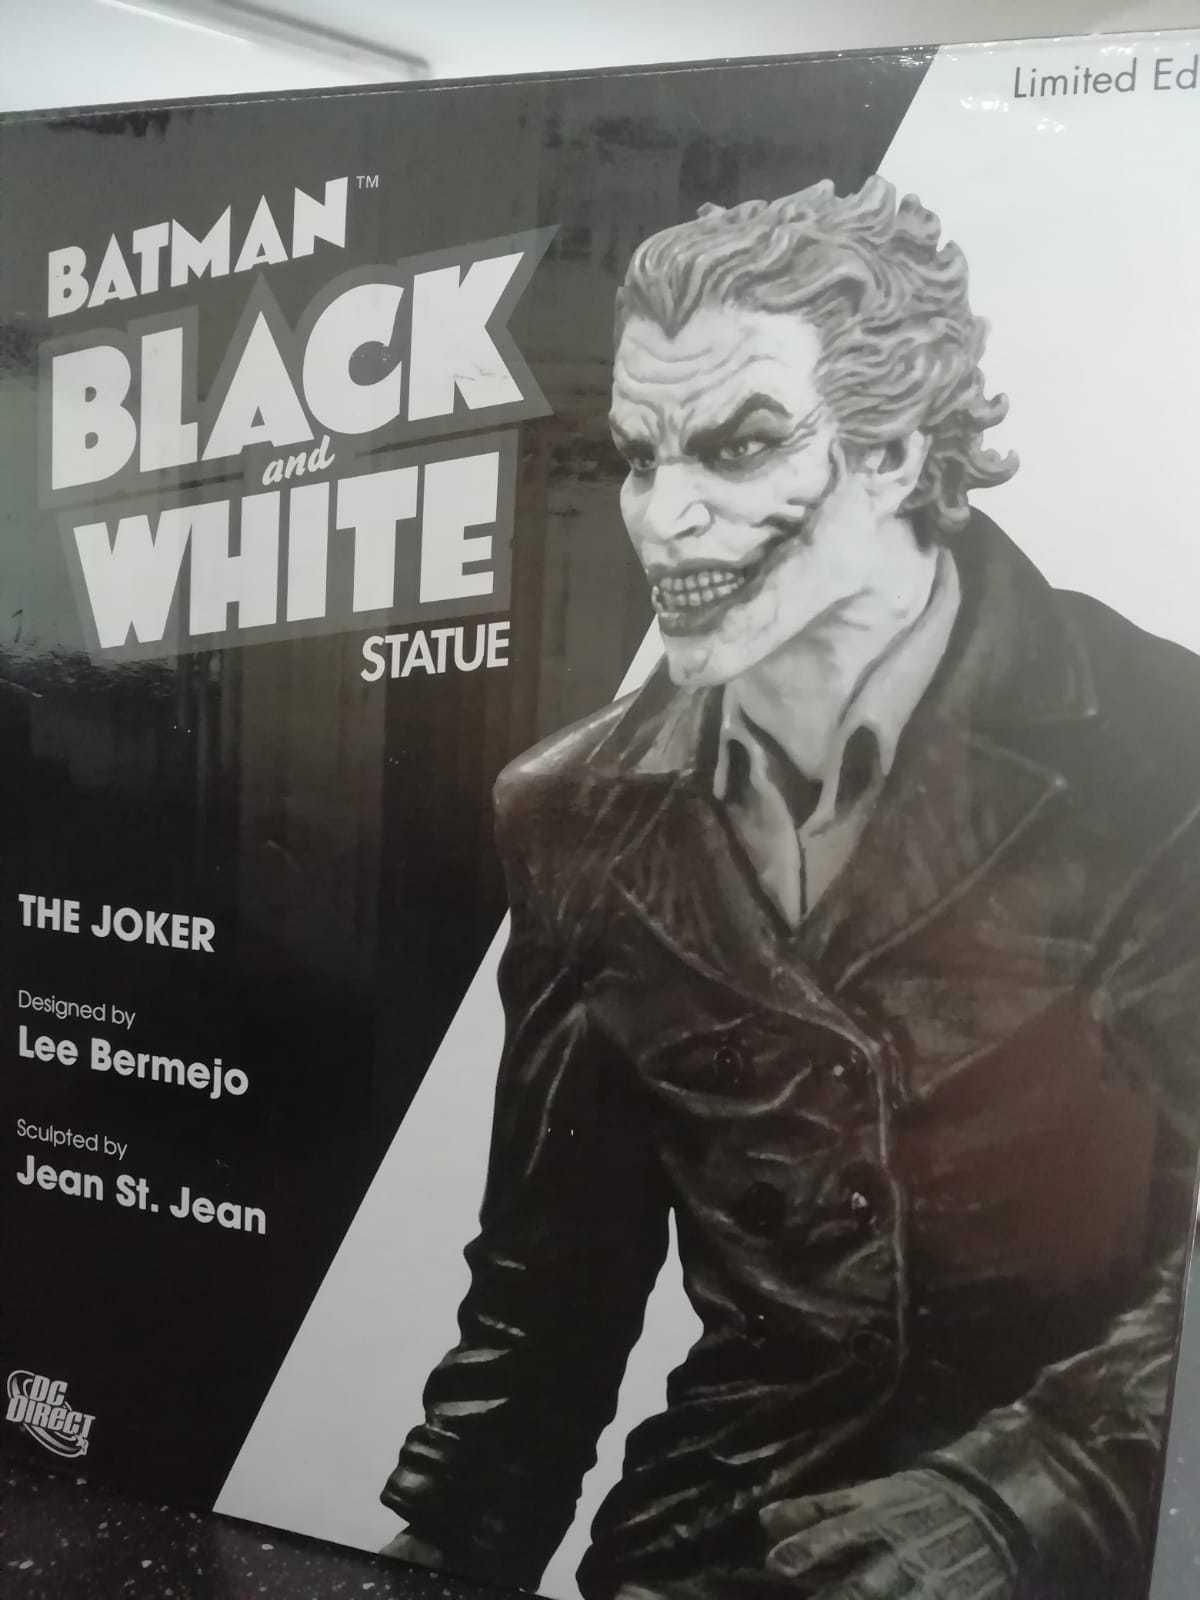 Dc Batman negro&blanco Statue -The Joker- Limited Ed By Lee Bermejo; Jean St.Jean